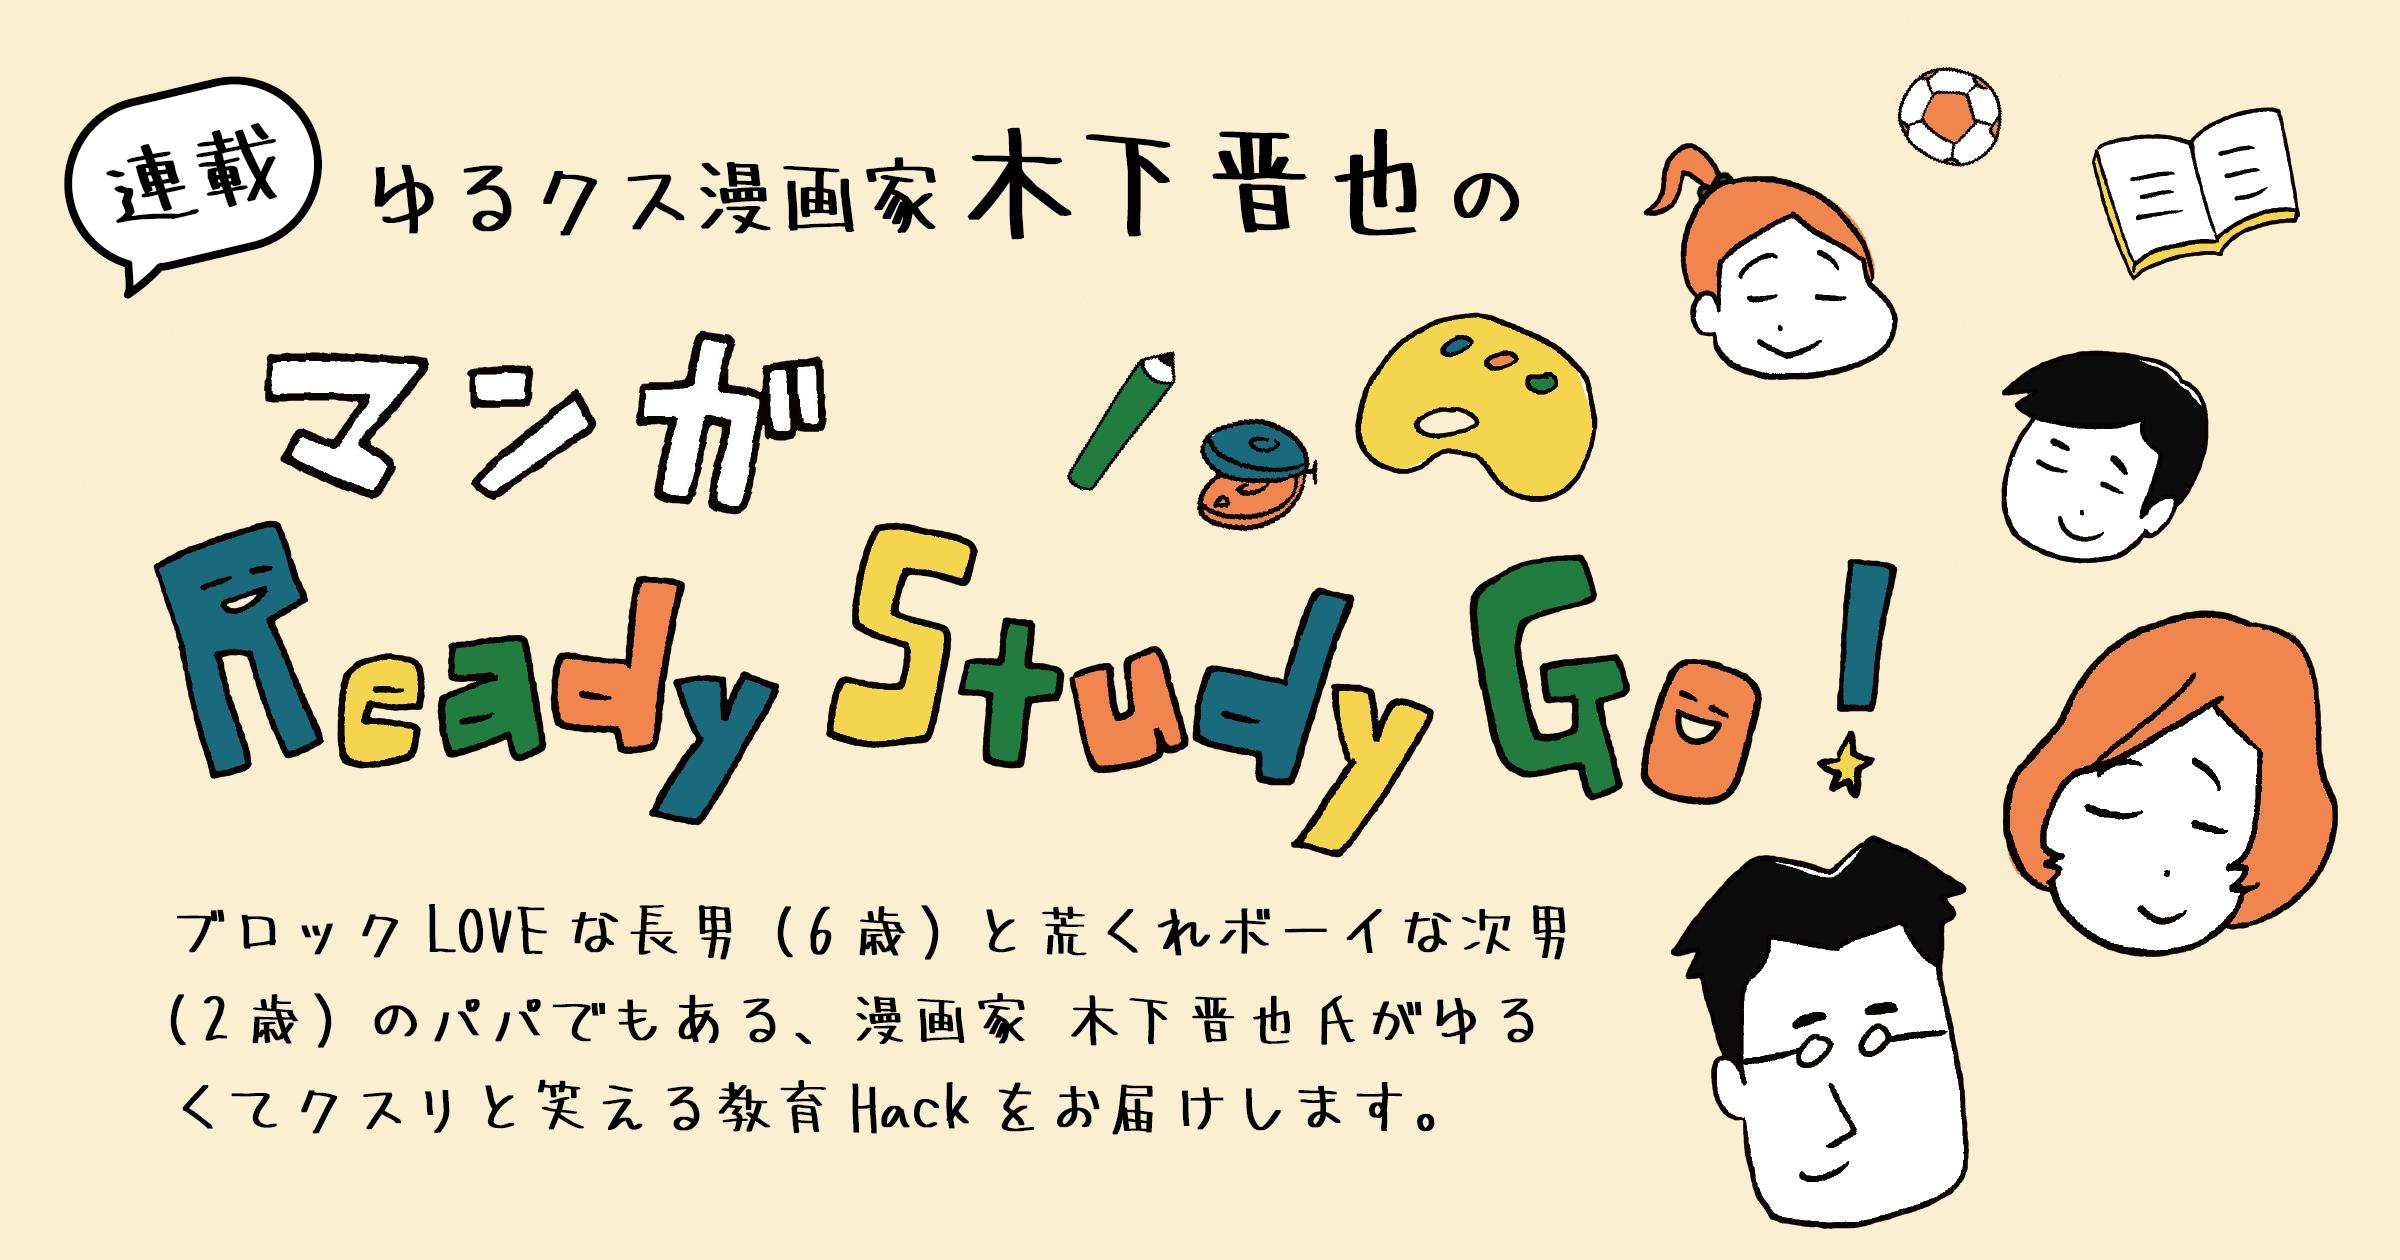 「親子で真剣対局☆」ゆるクス漫画家 木下晋也のマンガ Ready Study Go!【第2回】